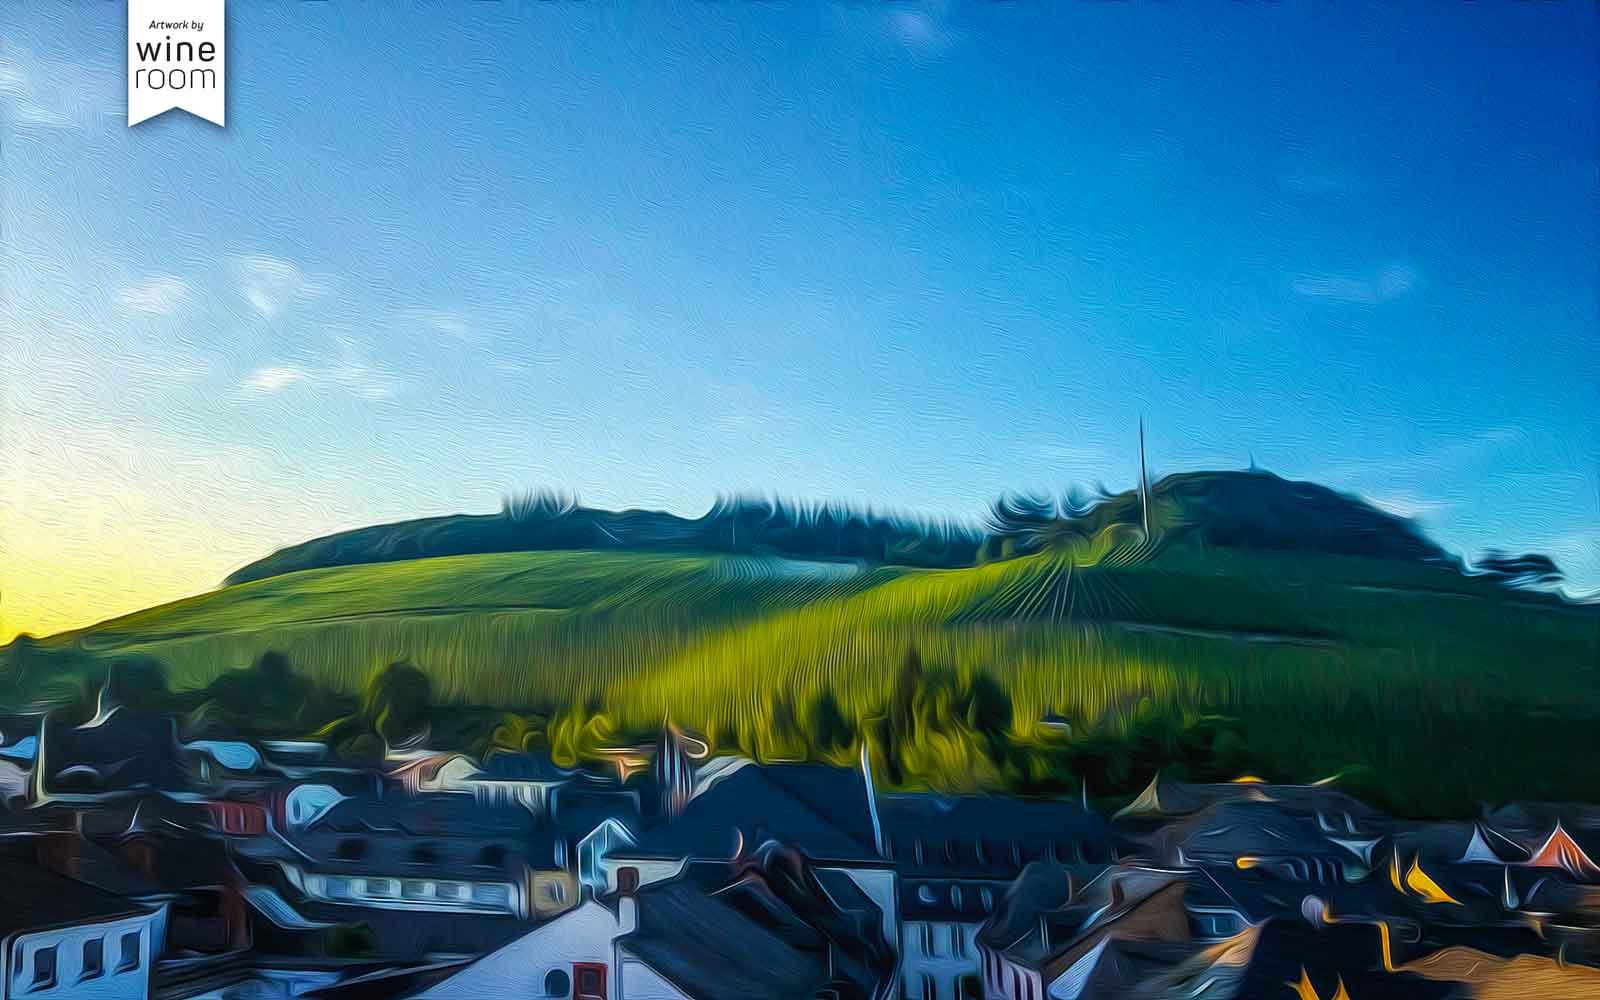 Berühmte Lage Saarburger Rausch